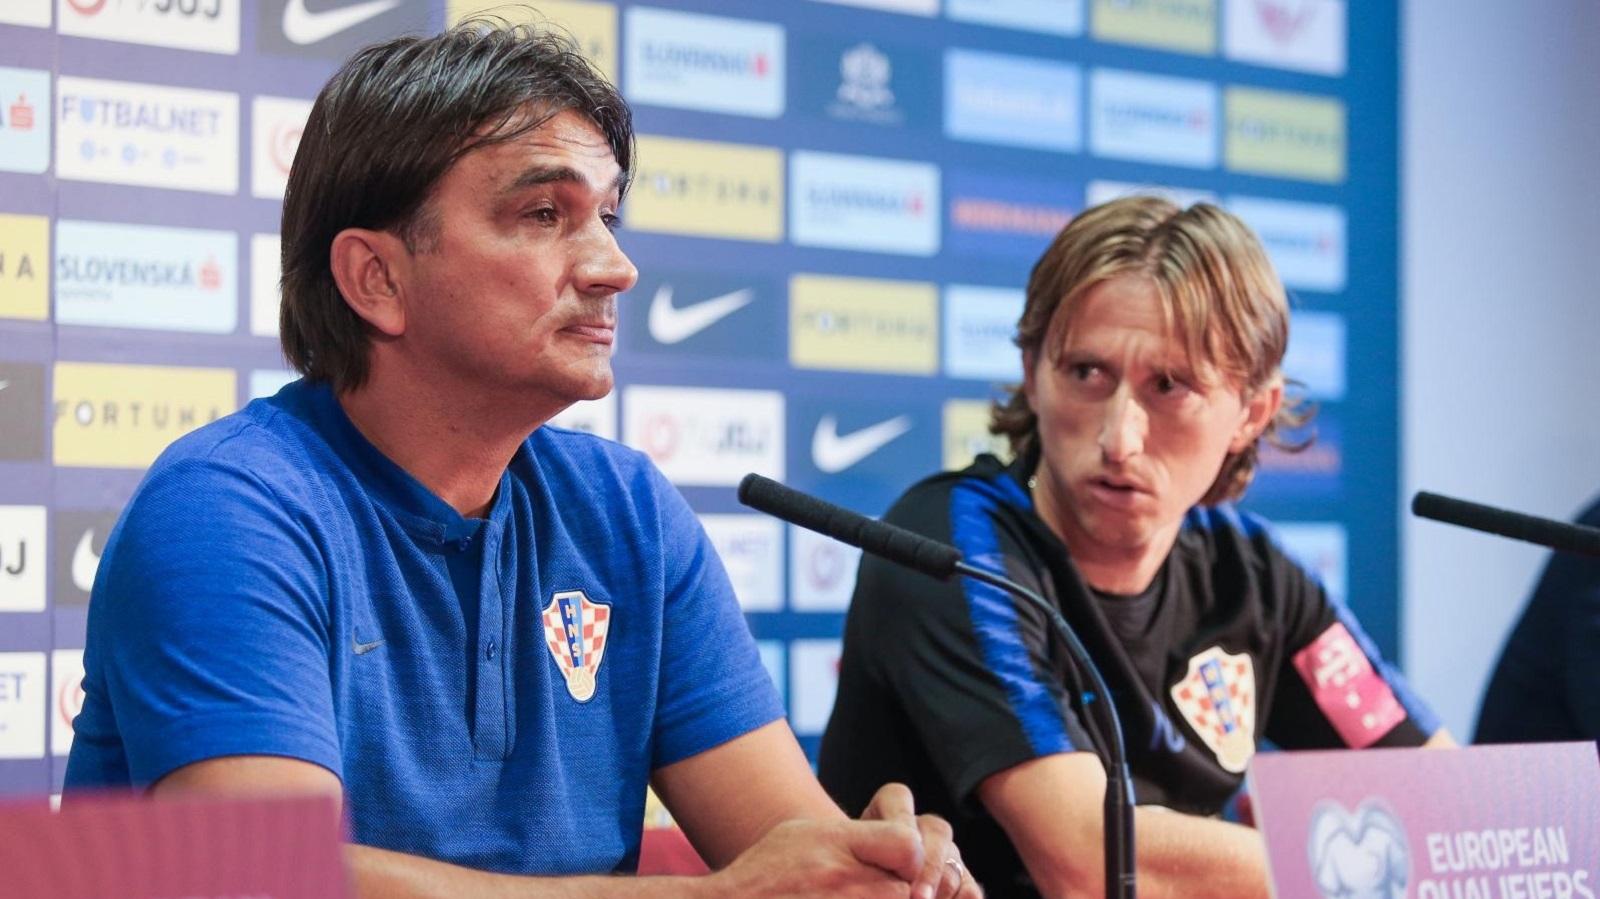 Hrvatska će biti nositelj skupine u užurbanim kvalifikacijama za SP. Ždrijeb je 7. prosinca